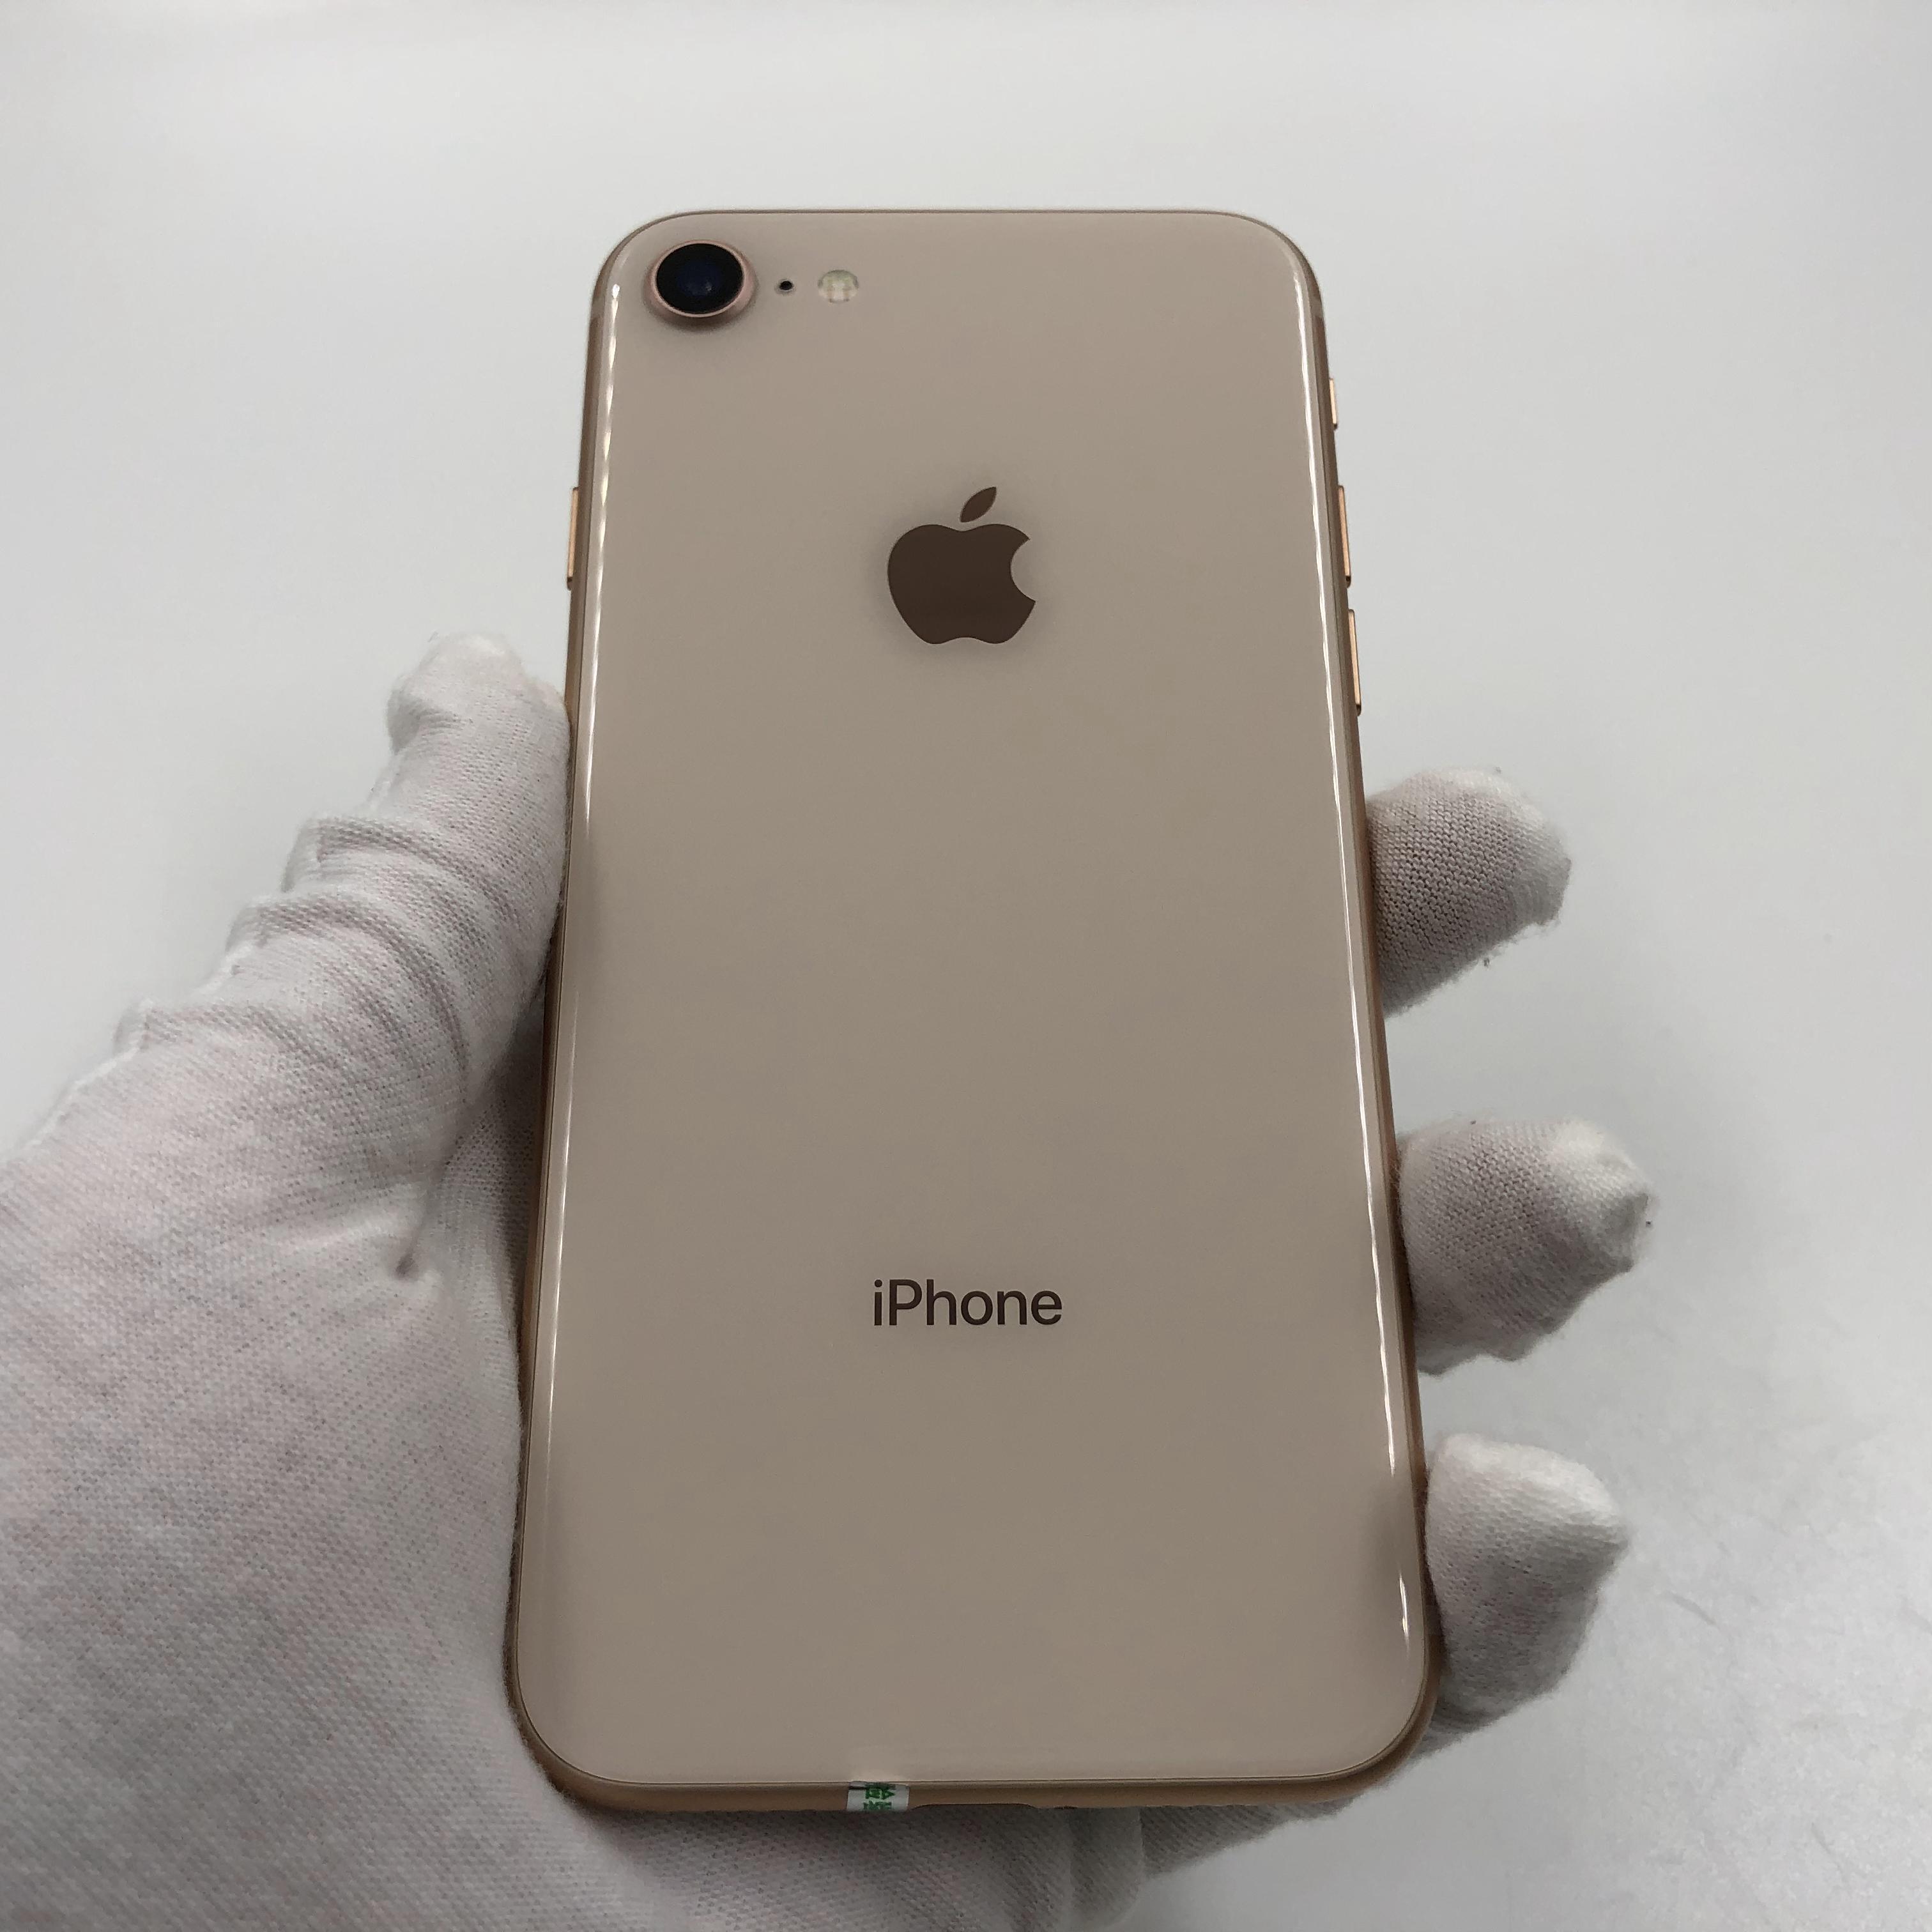 苹果【iPhone 8】4G全网通 金色 64G 国行 95新 真机实拍